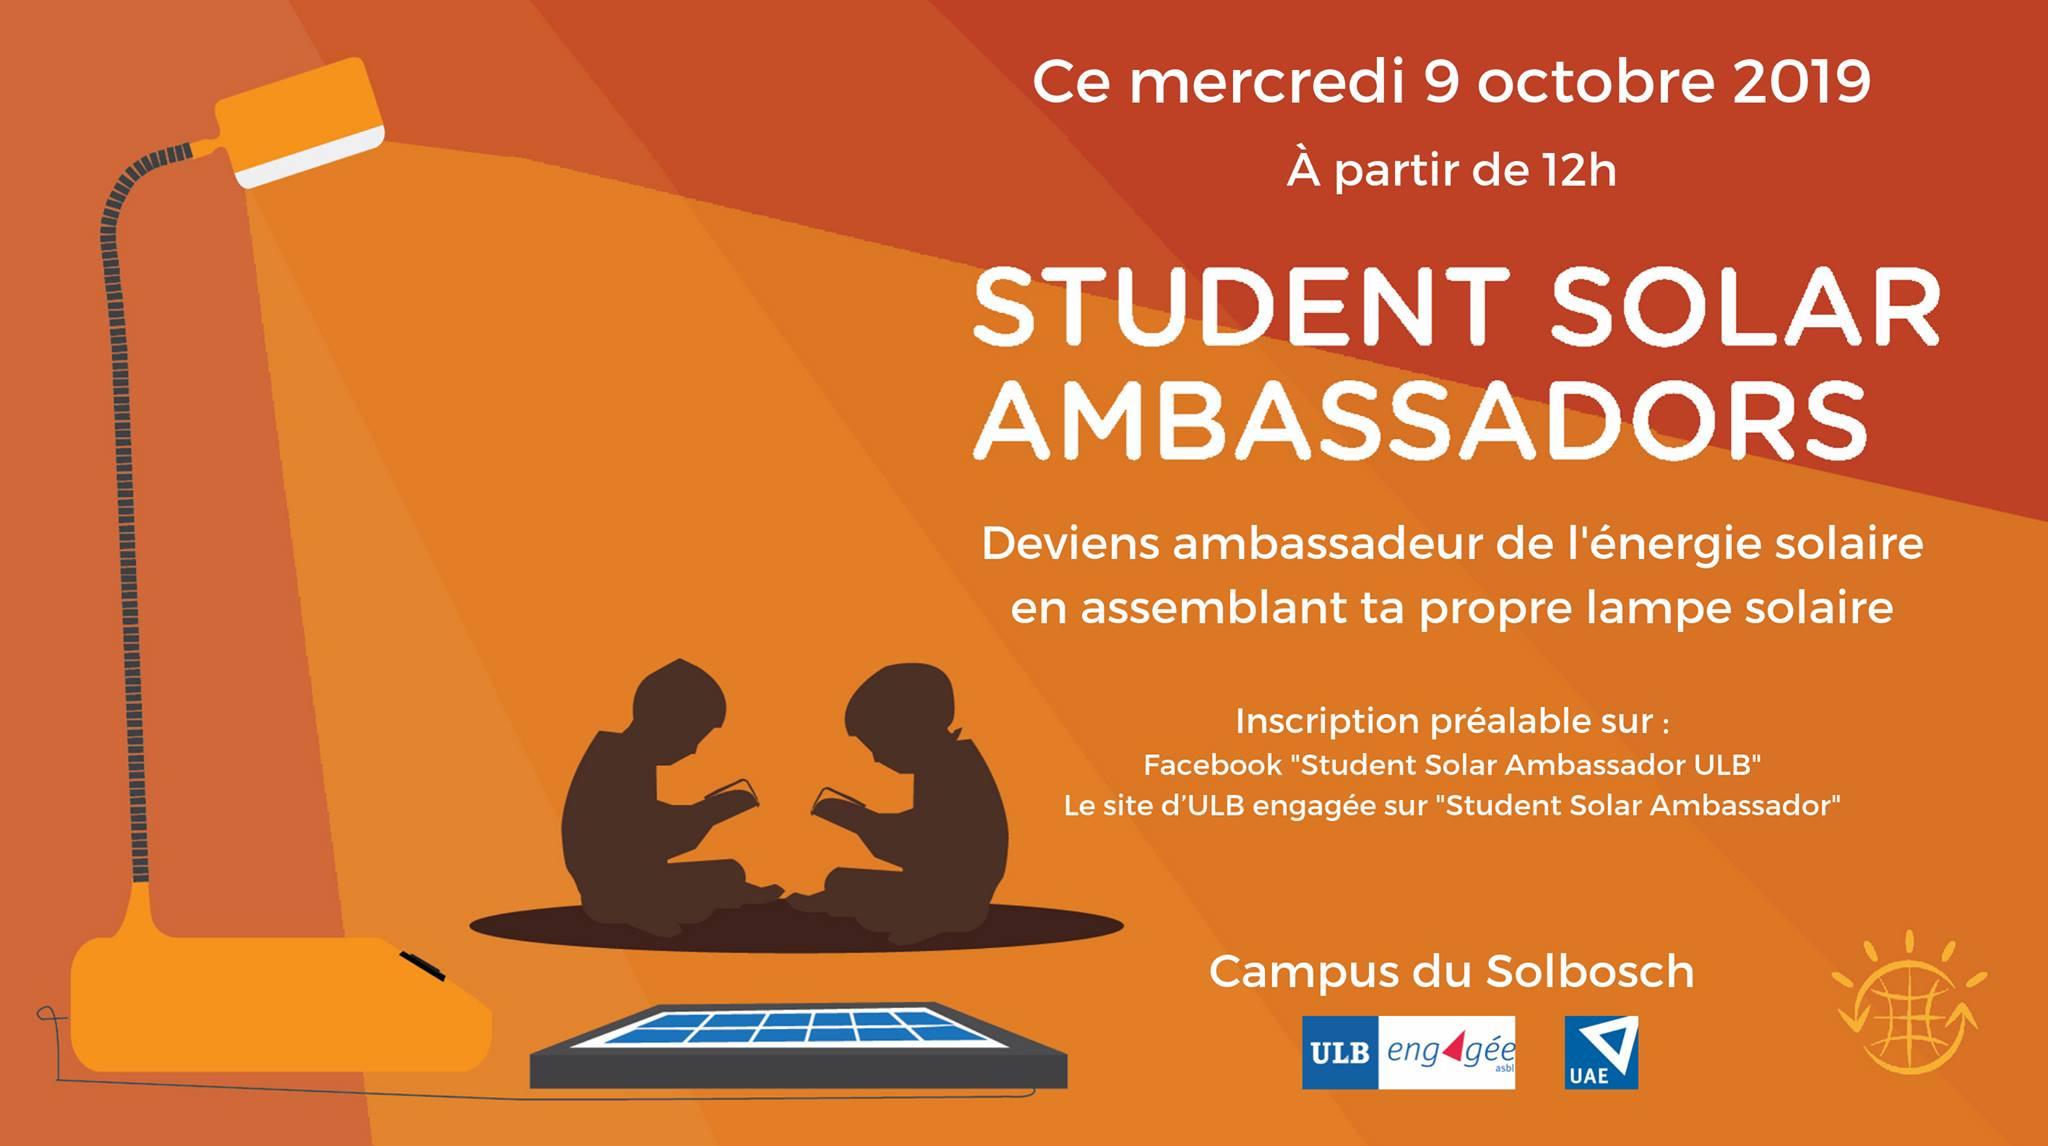 Student Solar Ambassador  ULB